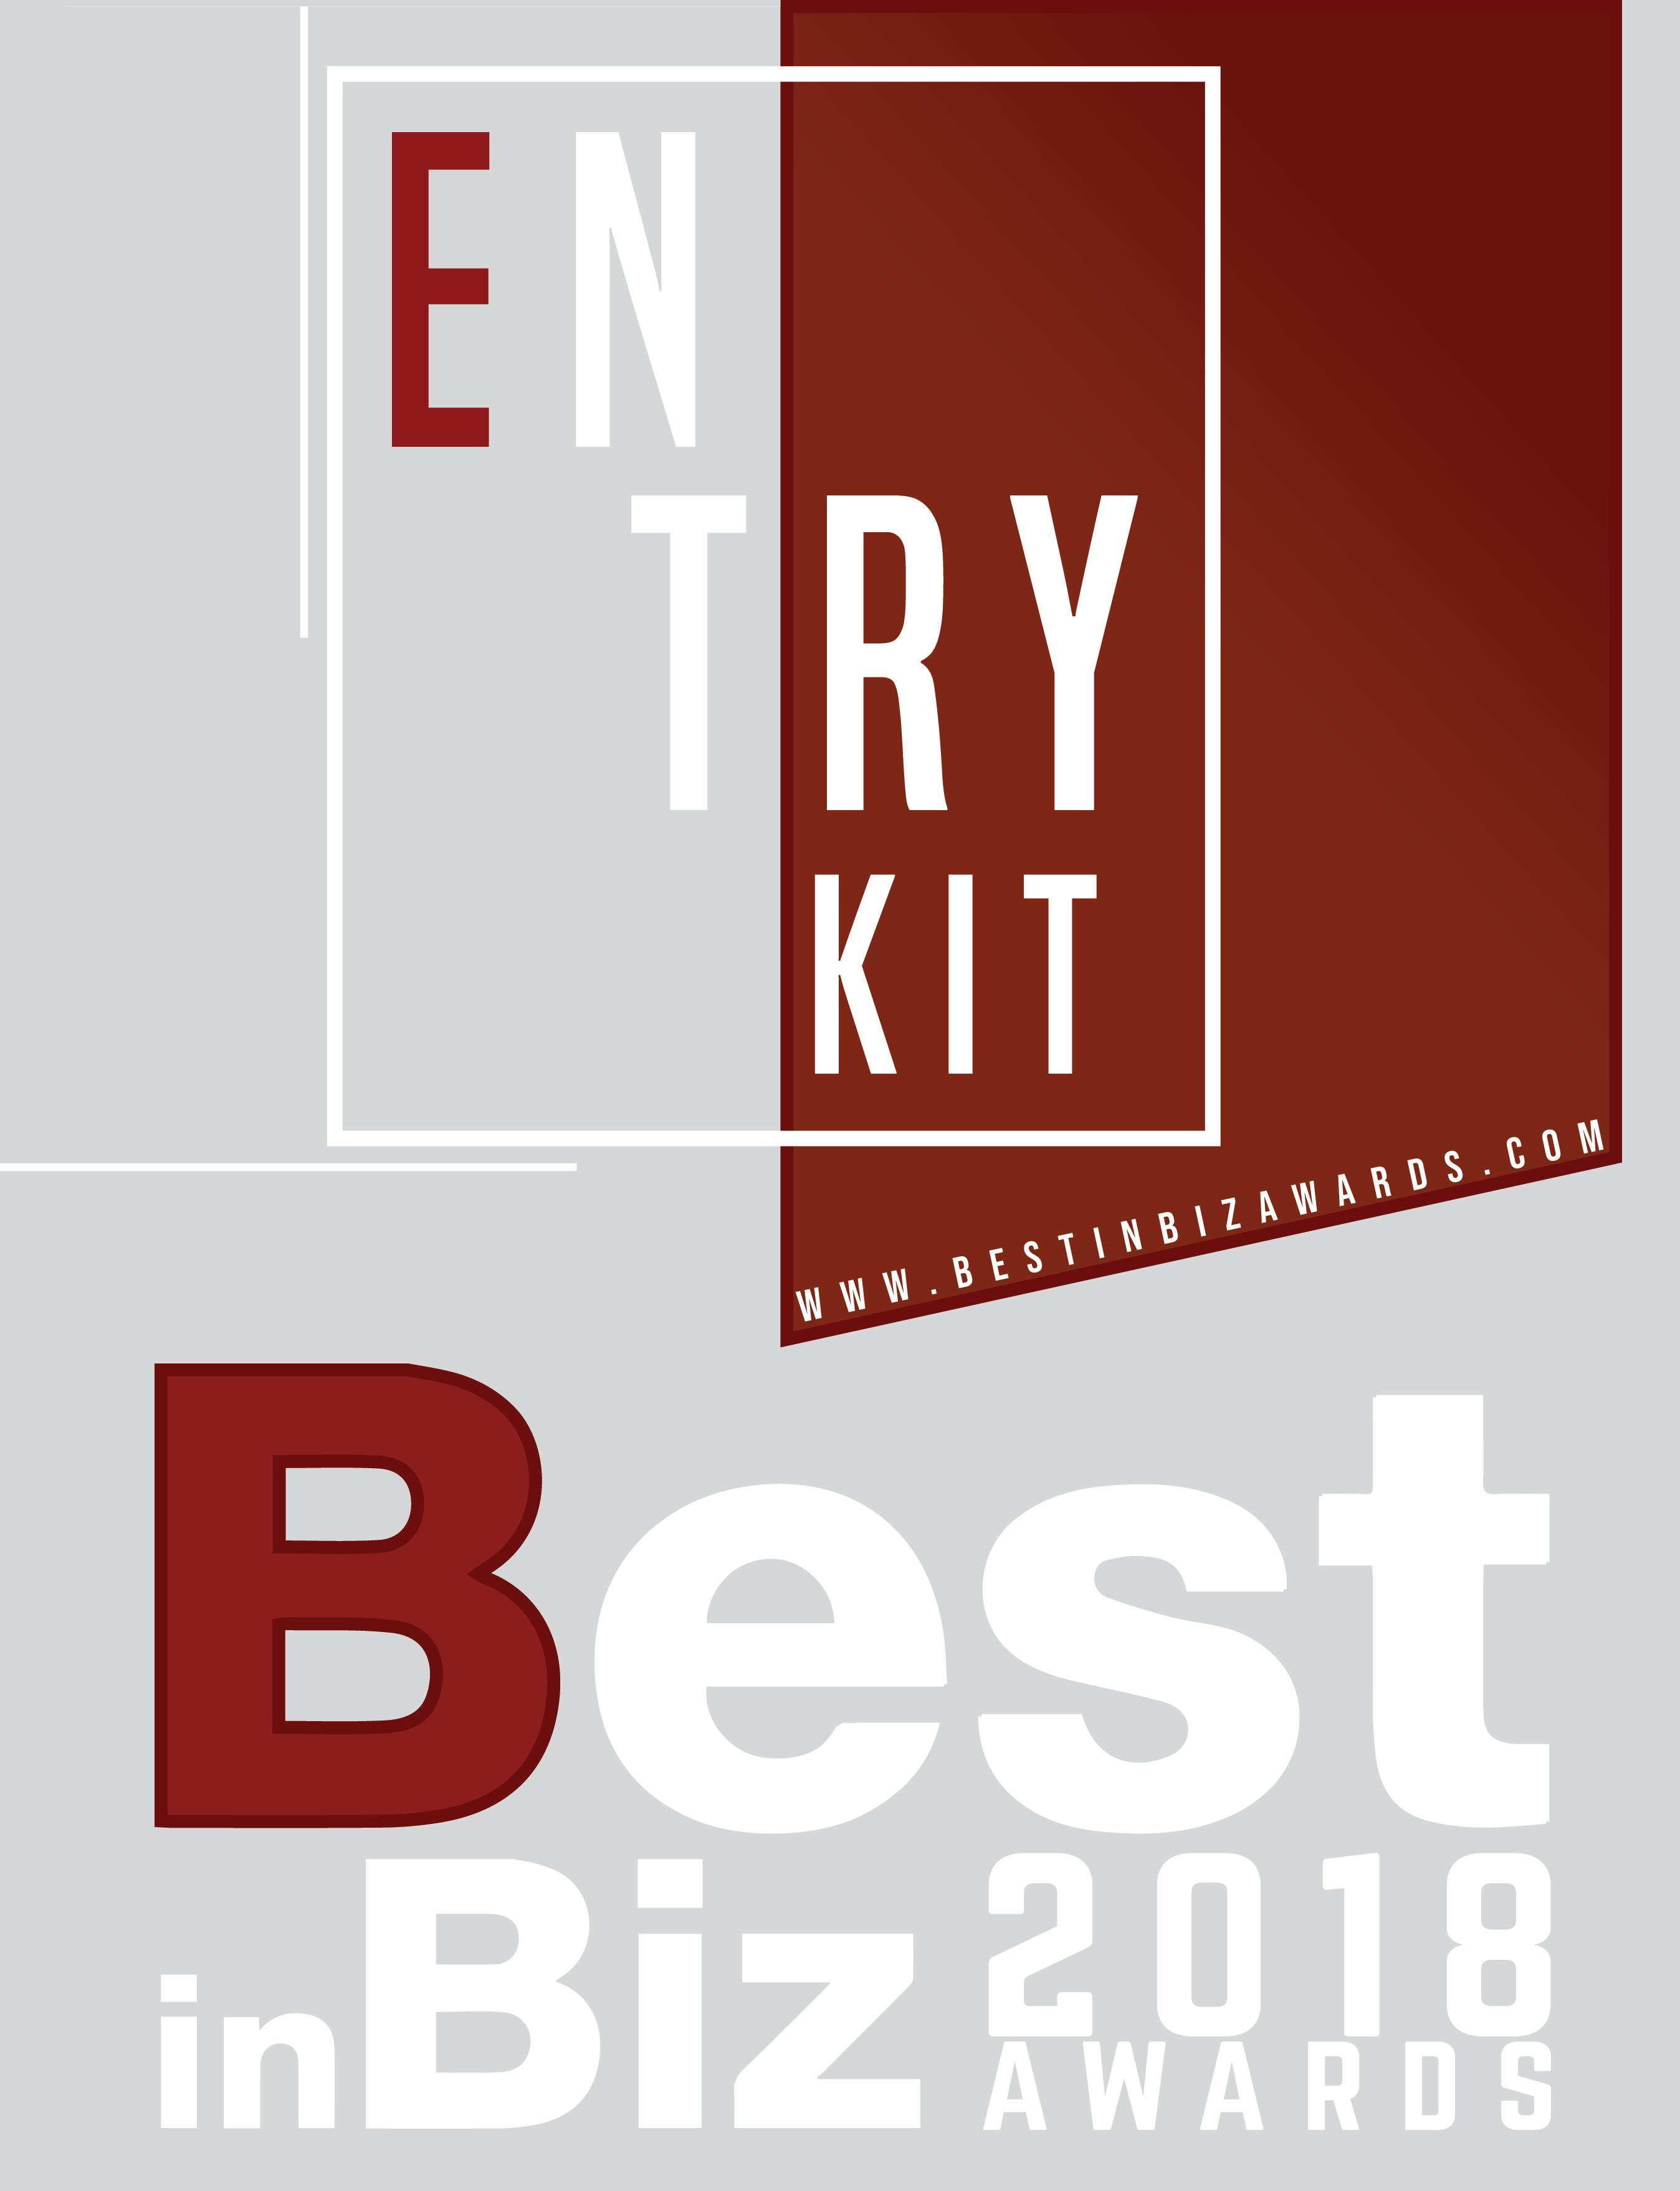 entry kit best in biz awards